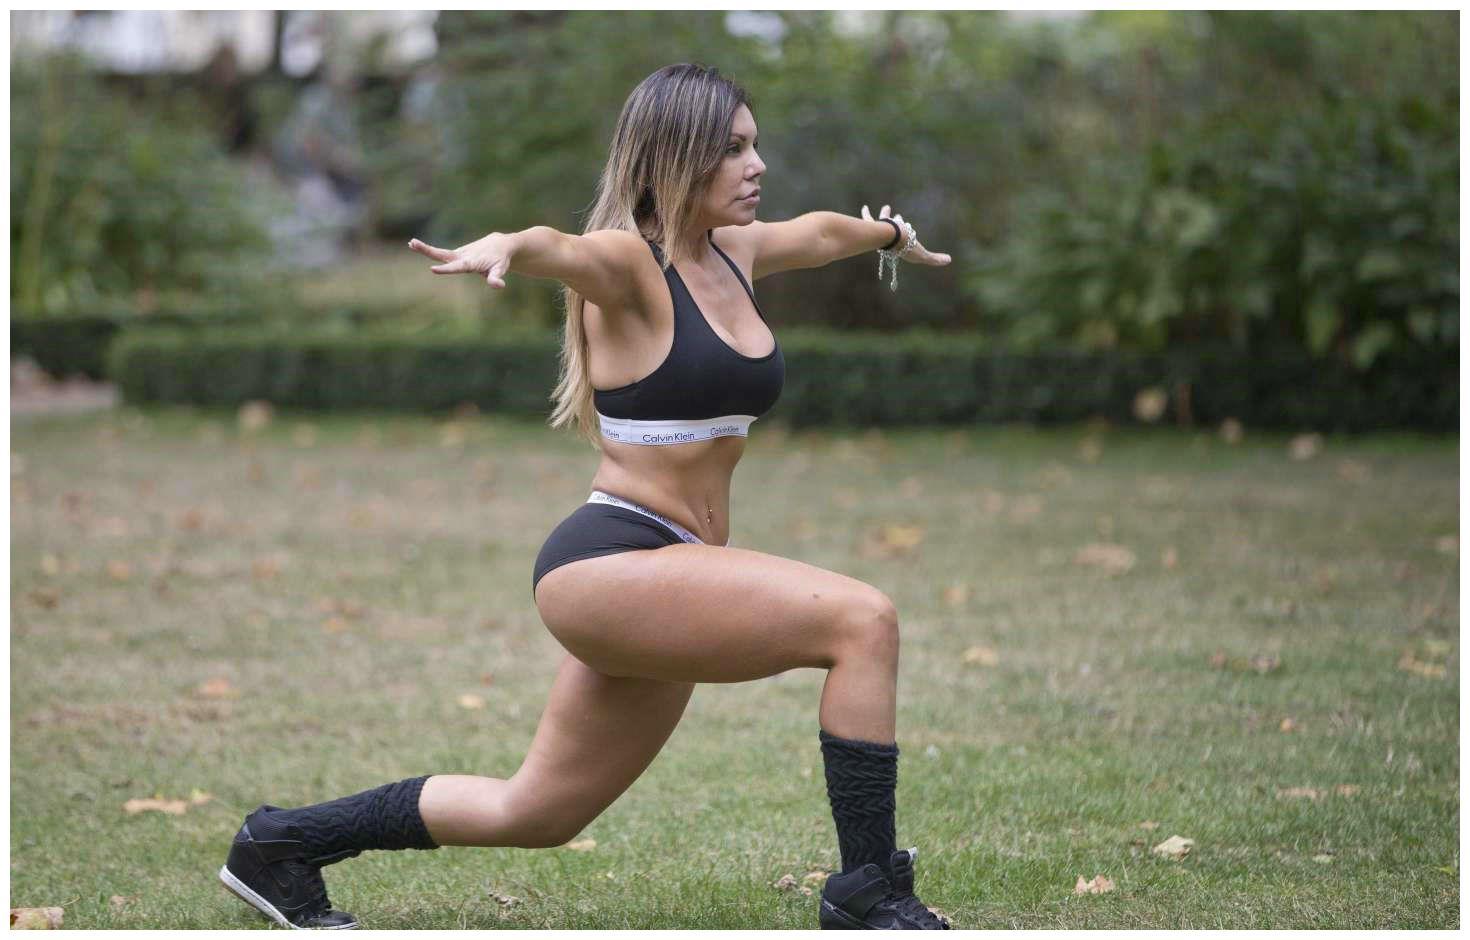 巴西女星现身公园做健身训练,穿运动套装跨弓步一展矫健身姿